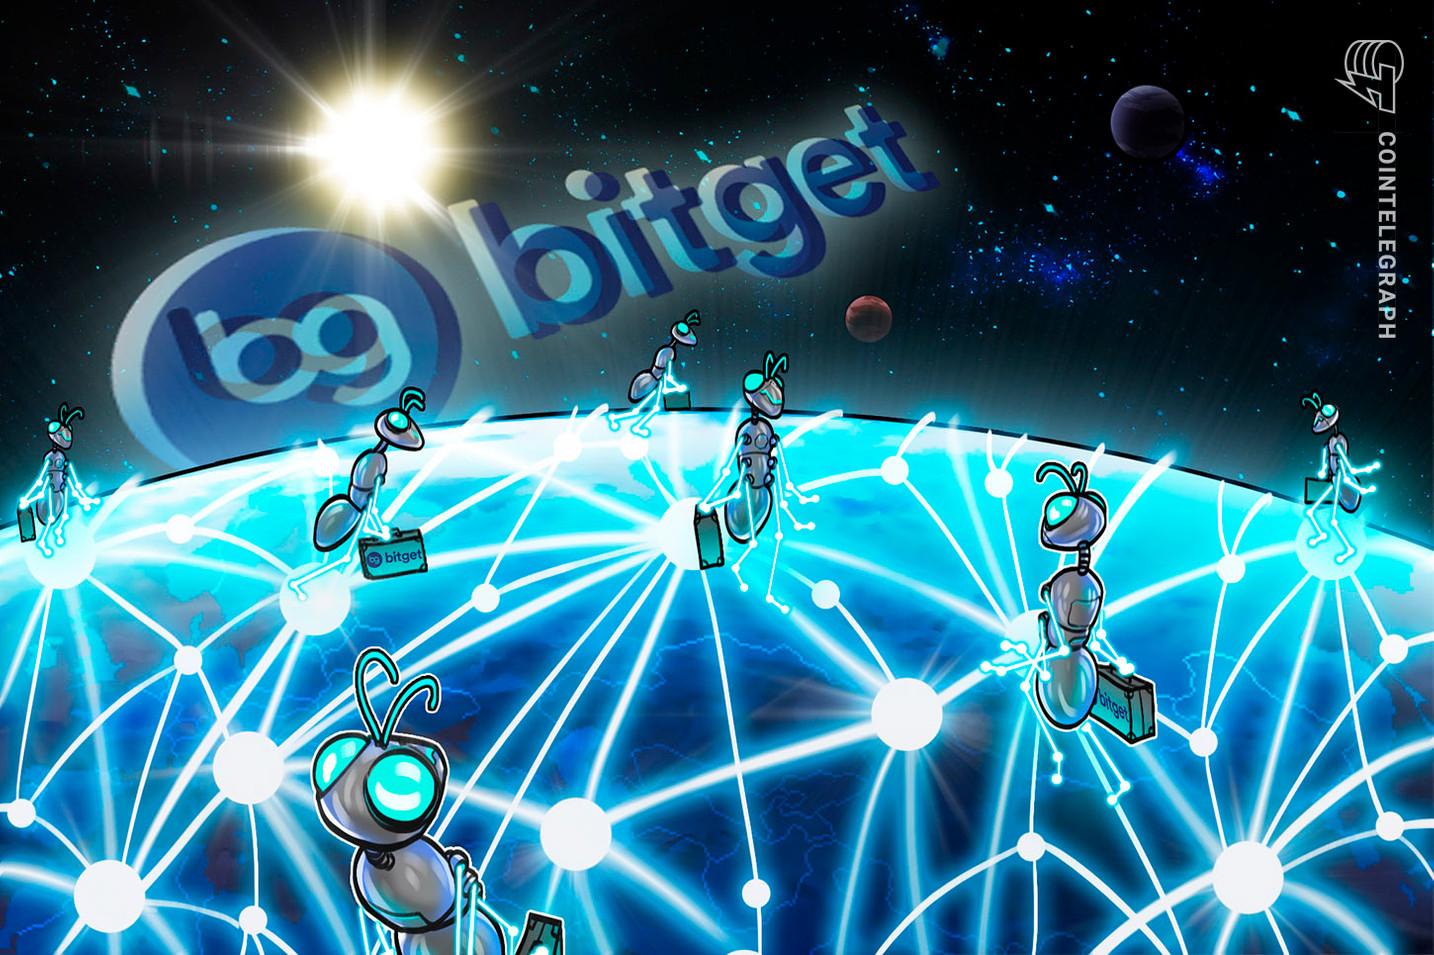 急成長するBitgetのグローバル化戦略、次の世界トップのデリバティブ取引所になるか?